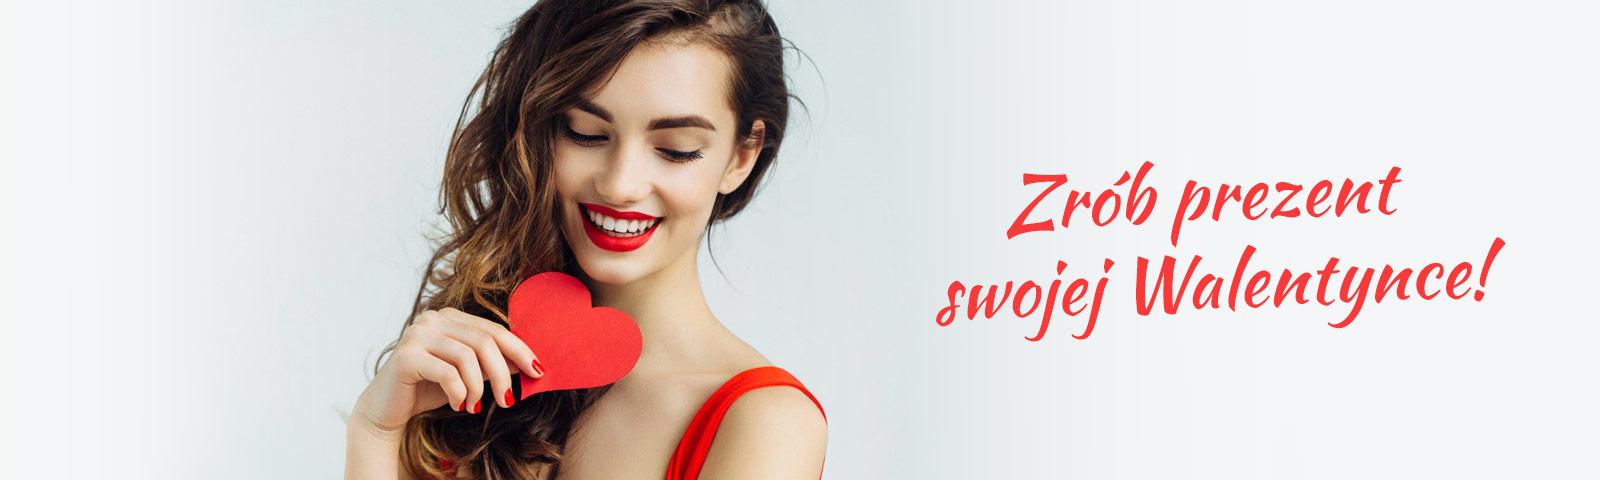 Walentynki - kupony rabatowe na prezenty